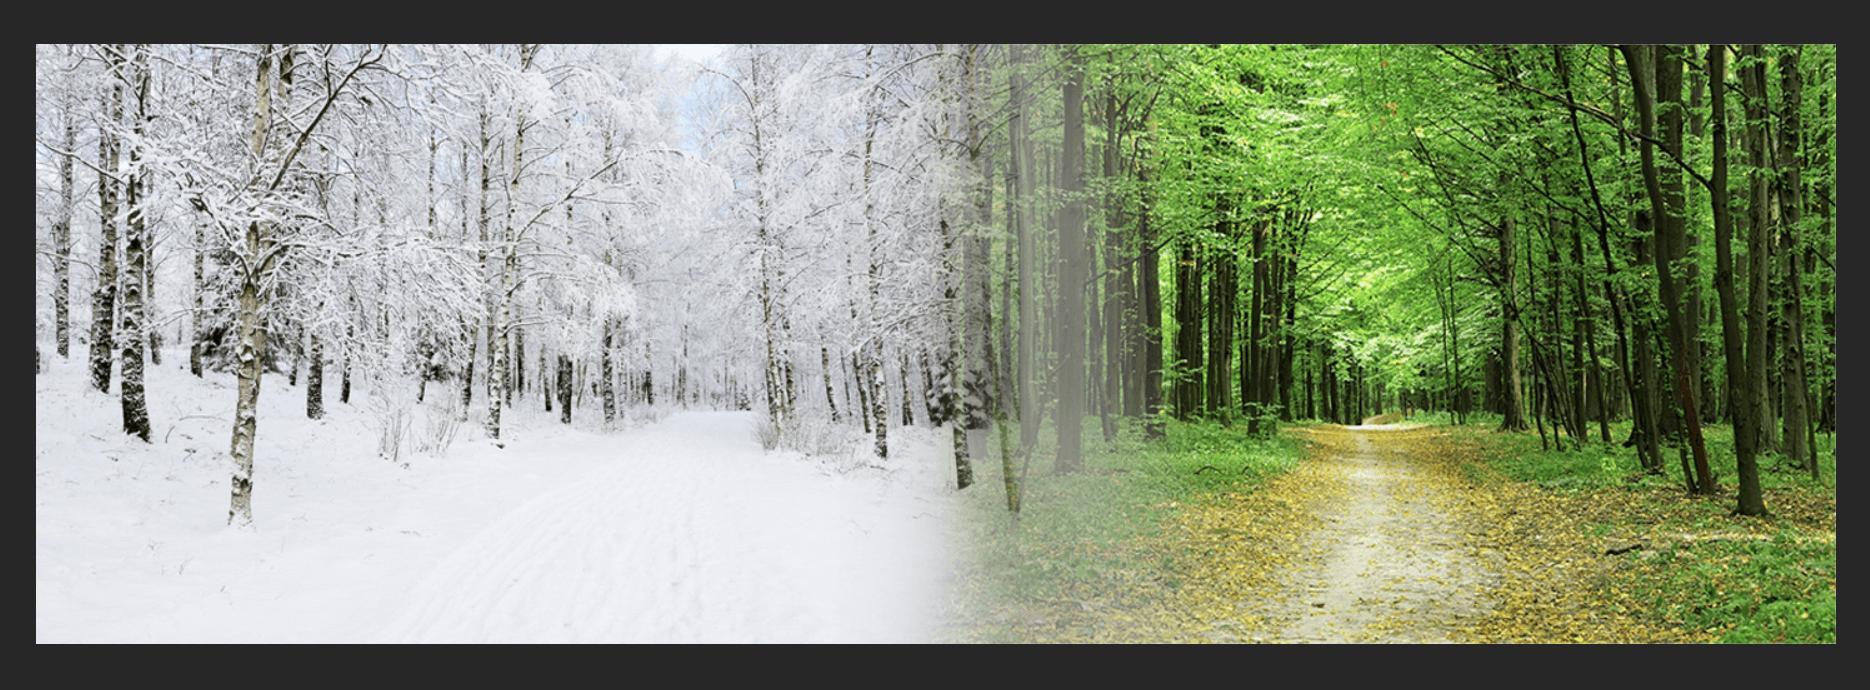 Sådan tilslutter du to billeder i en i Photoshop